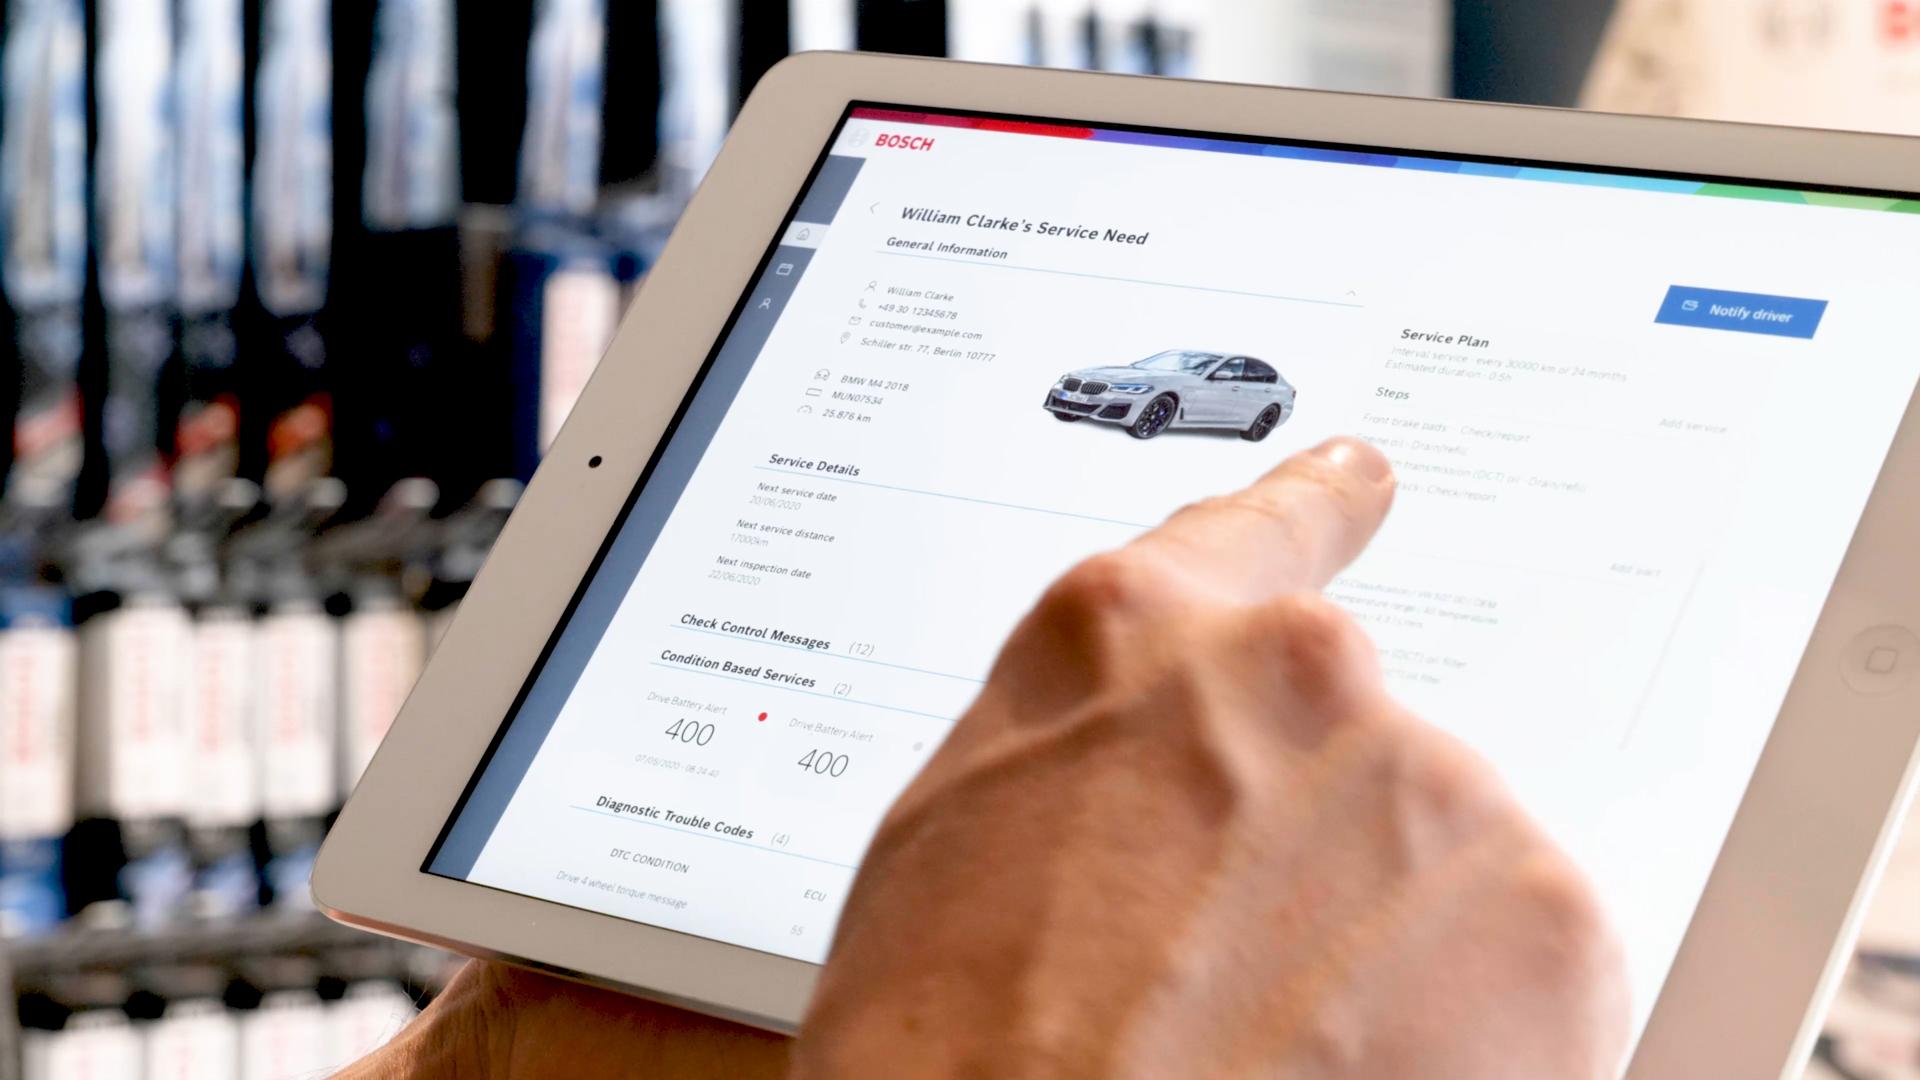 FNOS übermittelt automatisch alle wichtigen Fahrzeugdaten zum Service